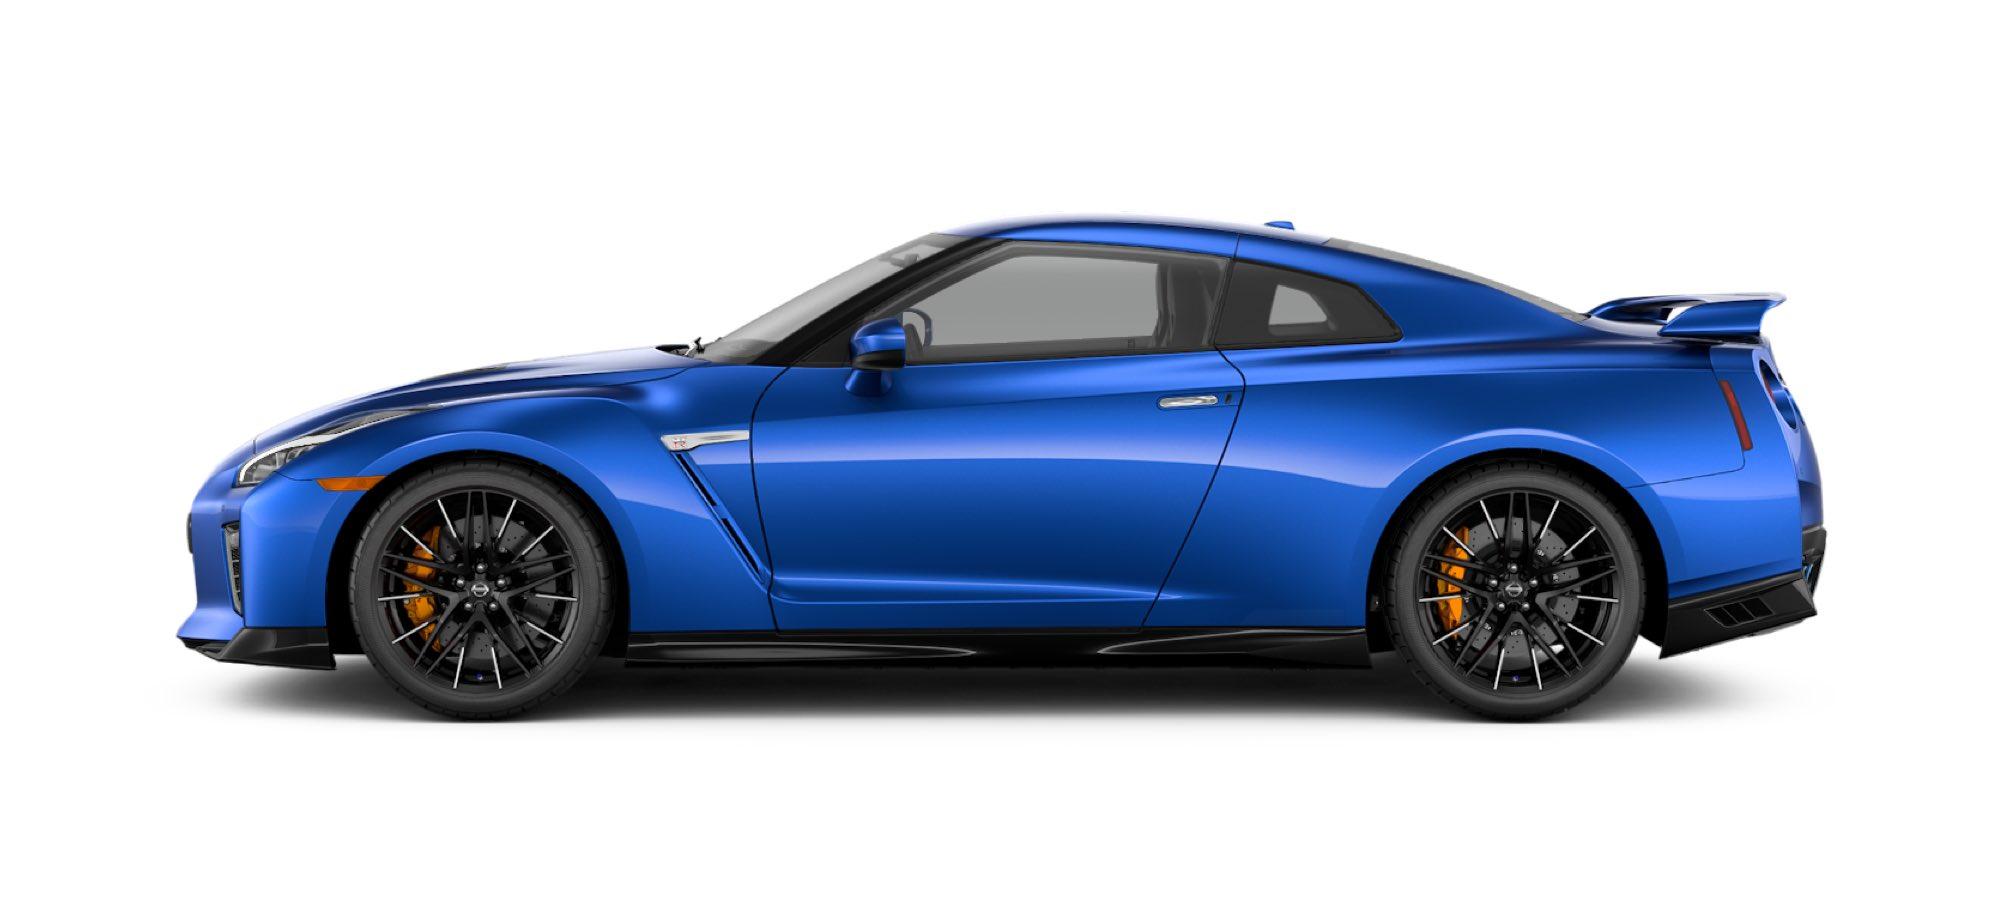 2021 Nissan GT-R in Bayside Blue